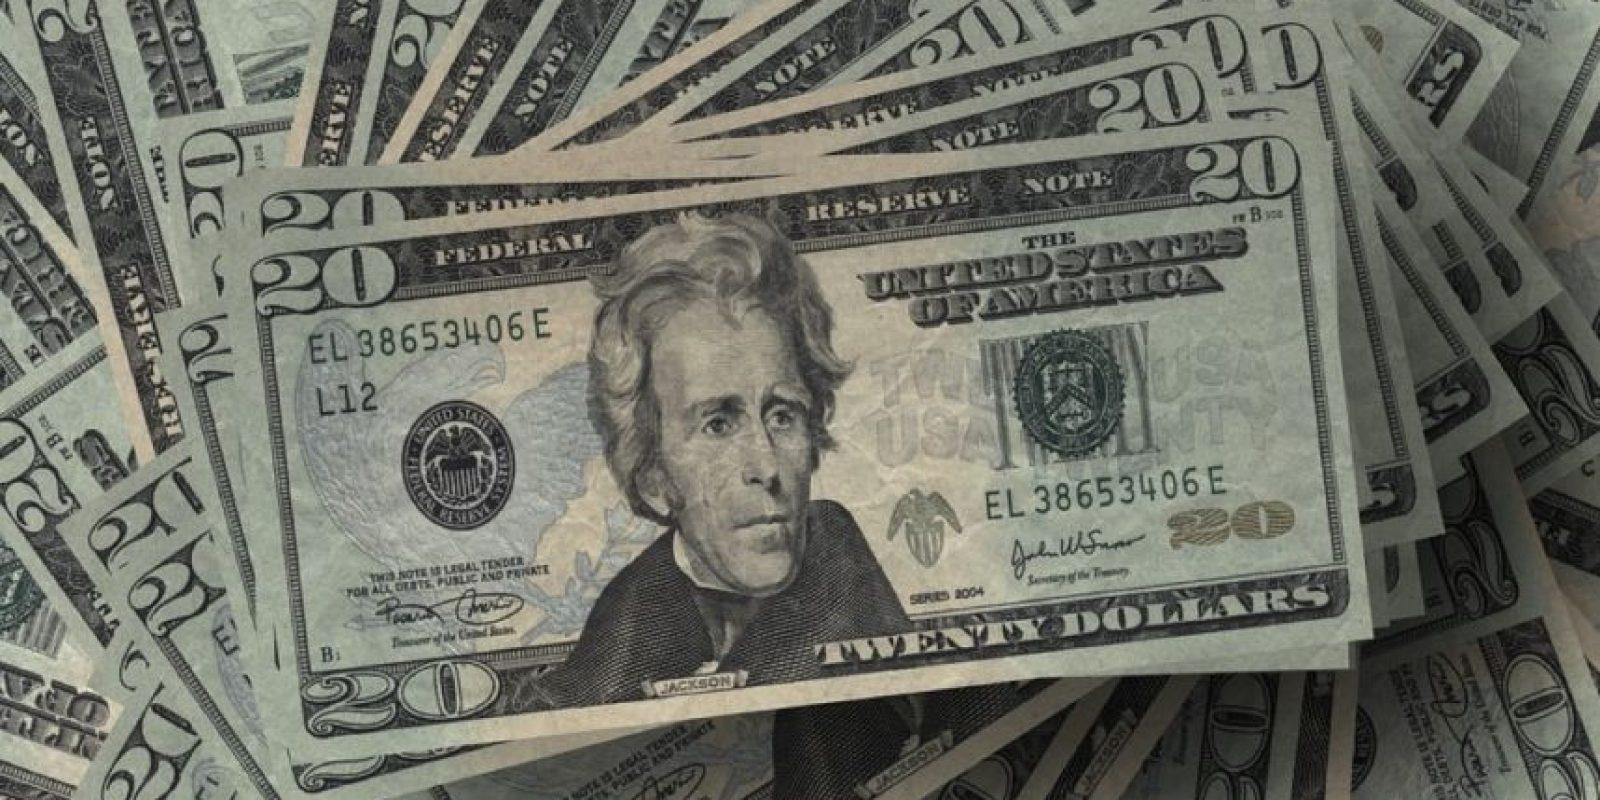 En billetes hay siete denominaciones en los que aparecen George Washington, Thomas Jefferson, Alexander Hamilton, Ulysses S. Grant, Andrew Jackson y Benjamin Franklin. Foto:pixabay.com